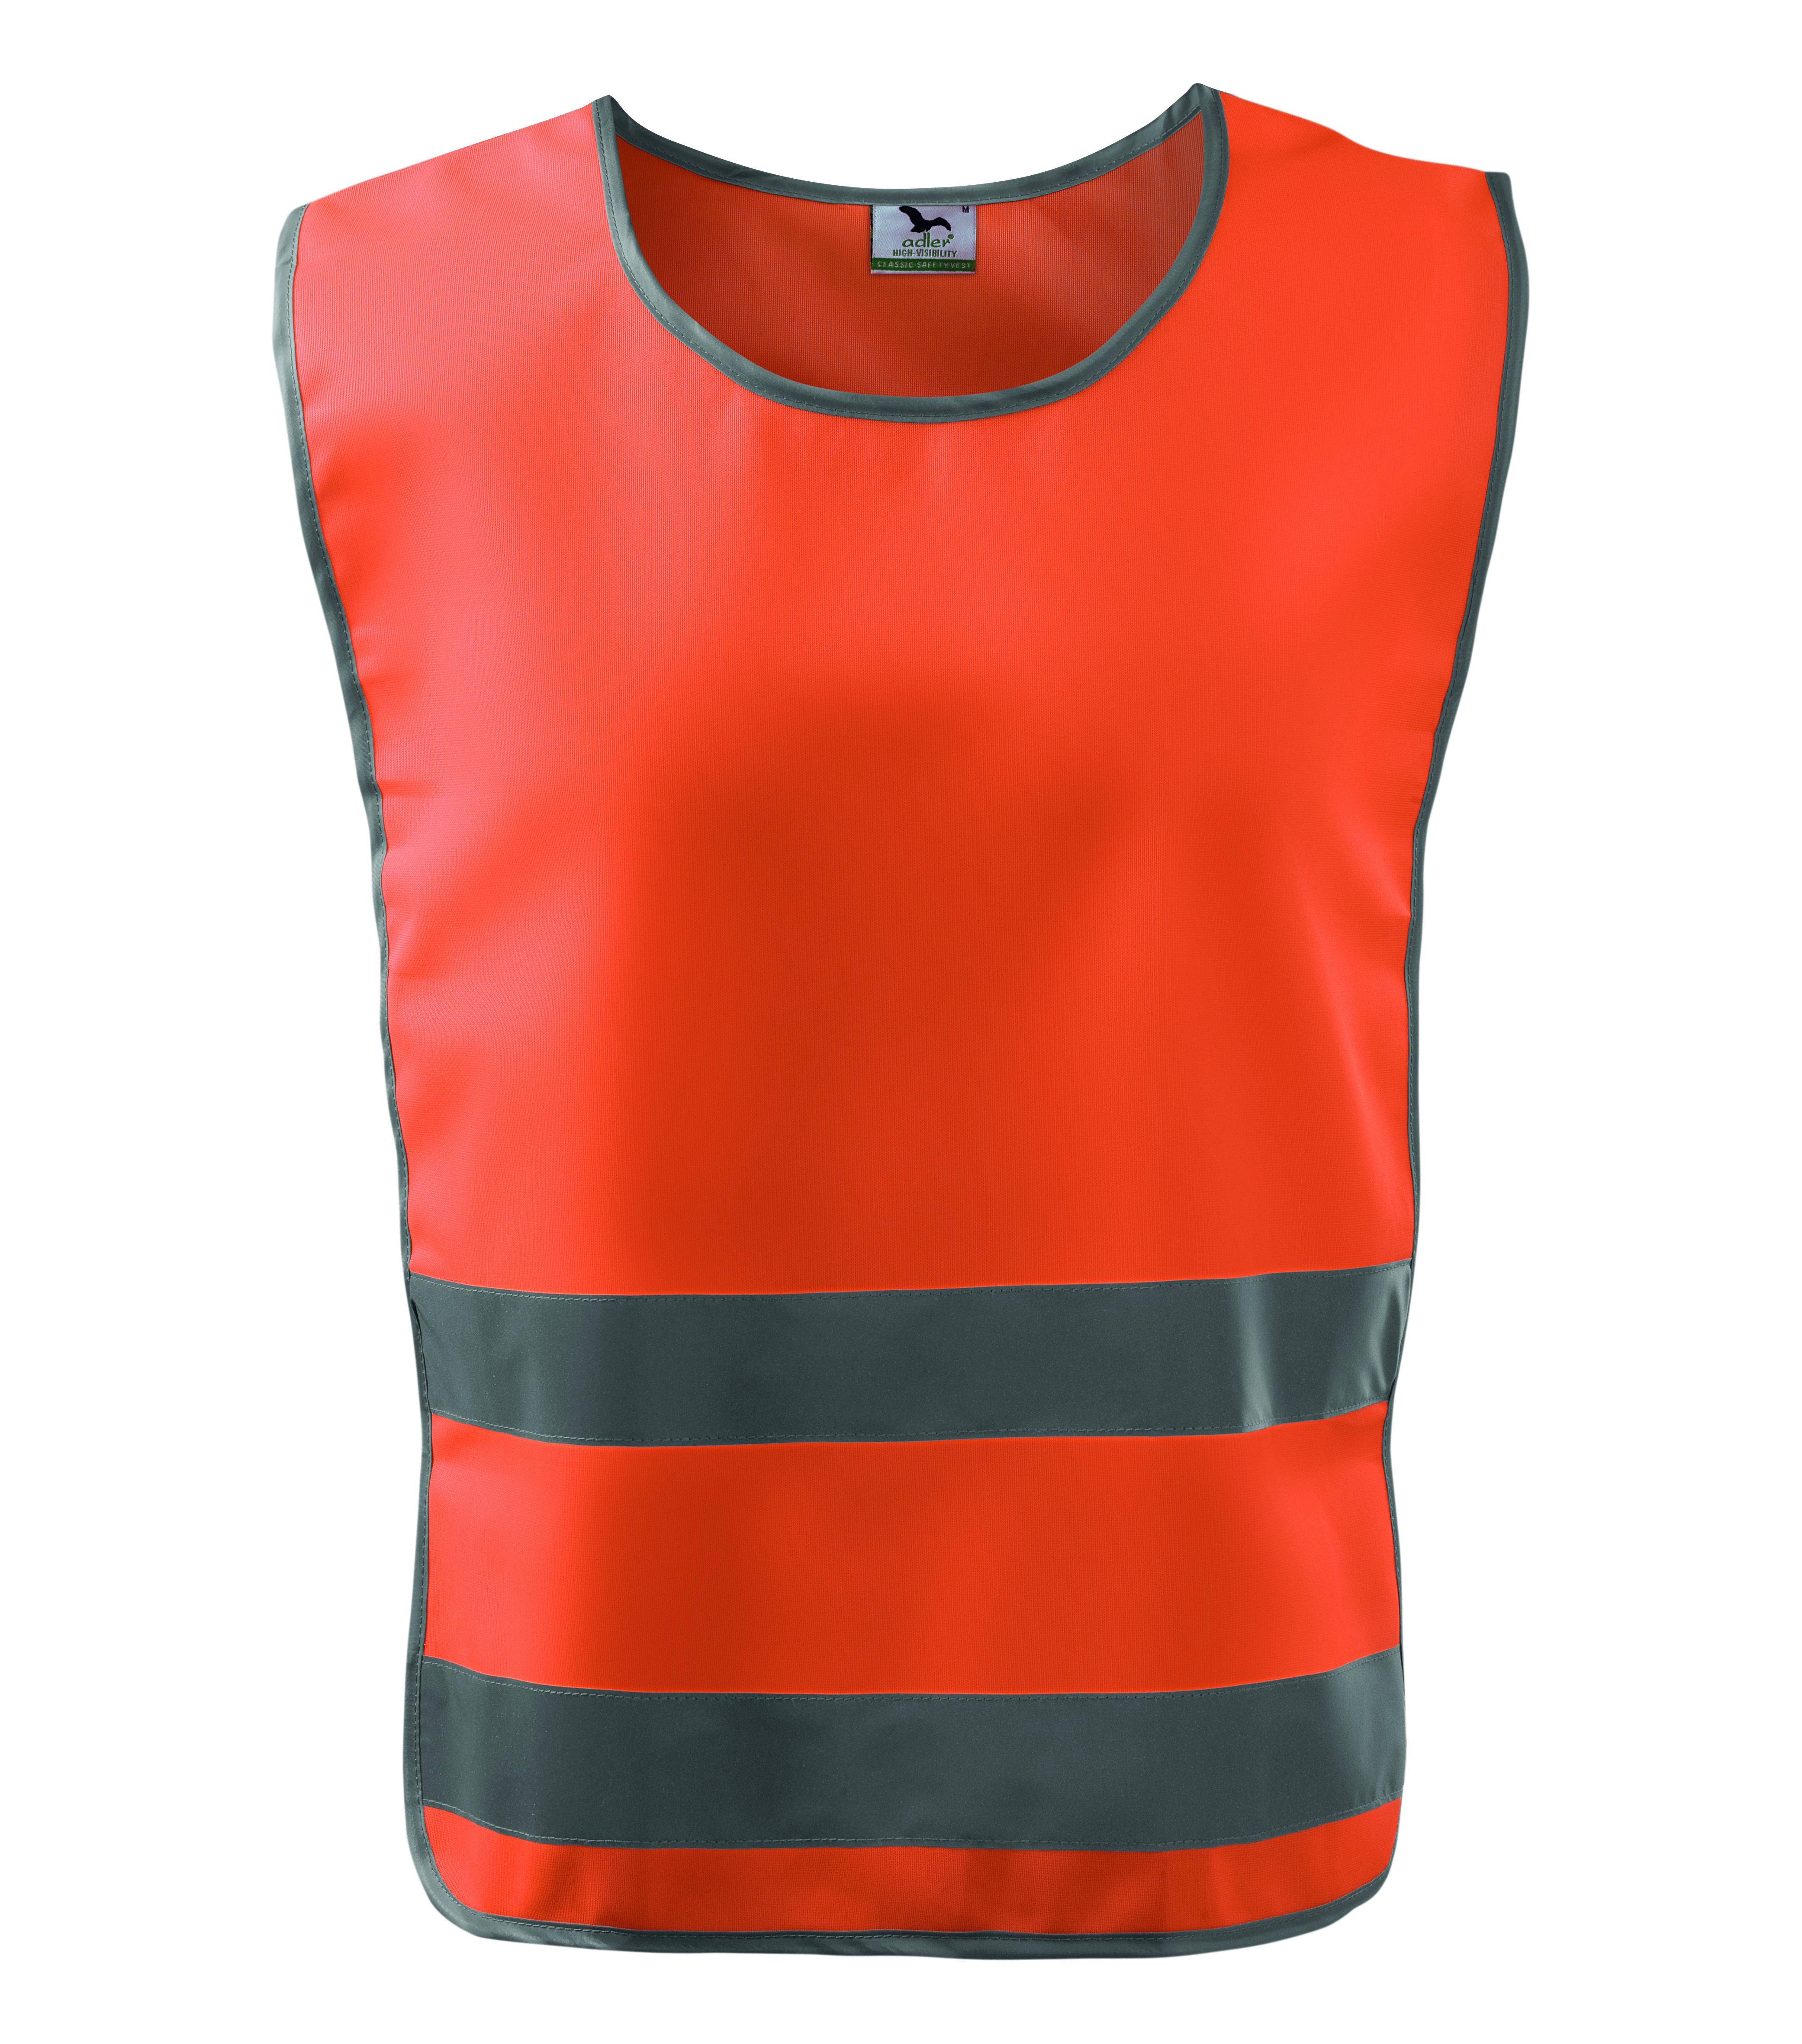 Pomarańczowa kamizelka odblaskowa Classic Safety Vest - przód